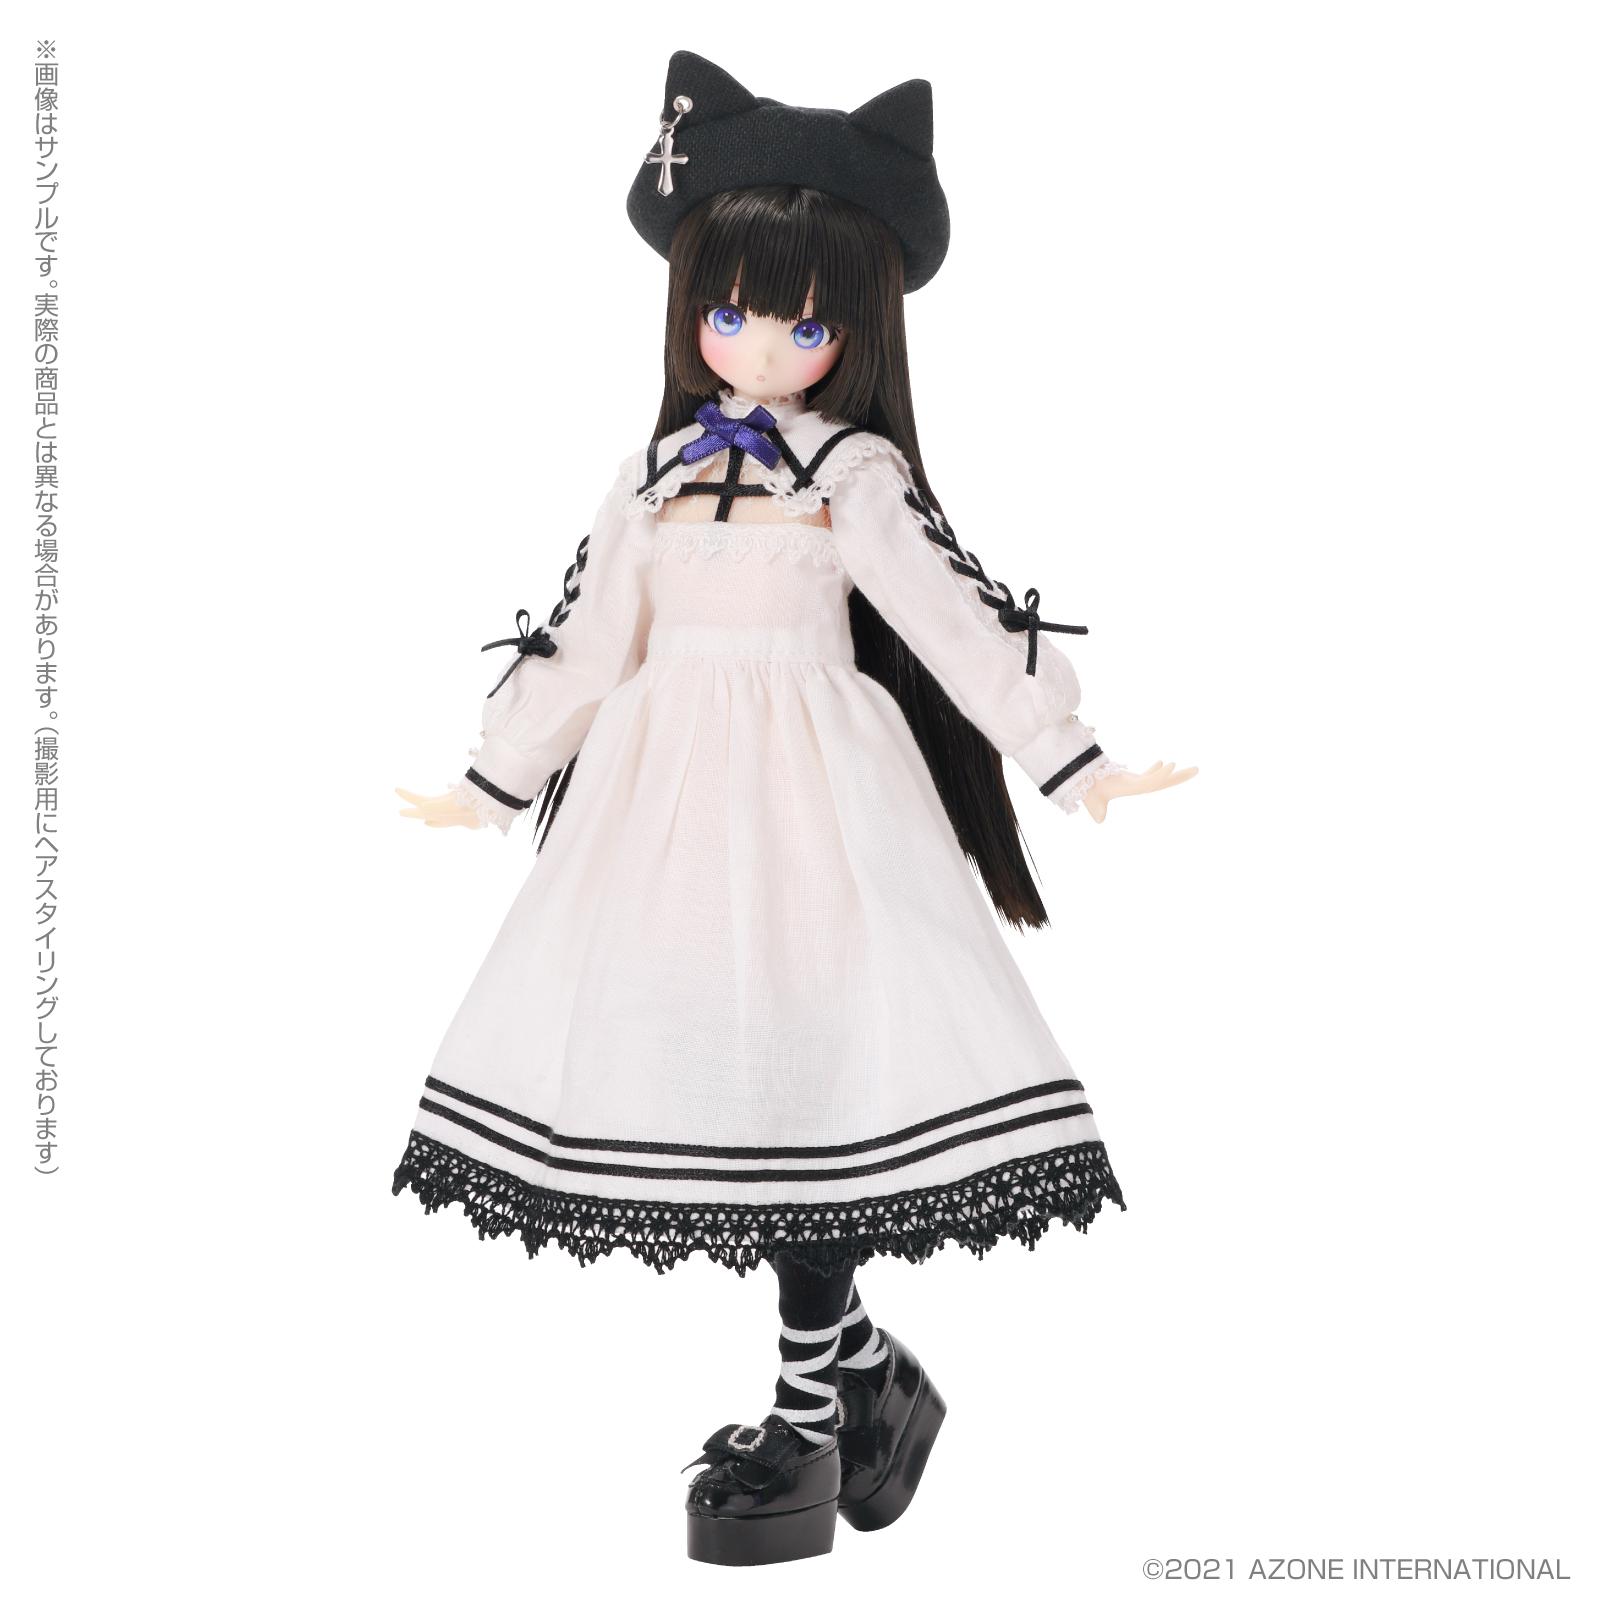 ルミナス*ストリート『みい/Mii ~Cat walking path~(通常販売ver.)』Luminous*Street 1/6 完成品ドール-017